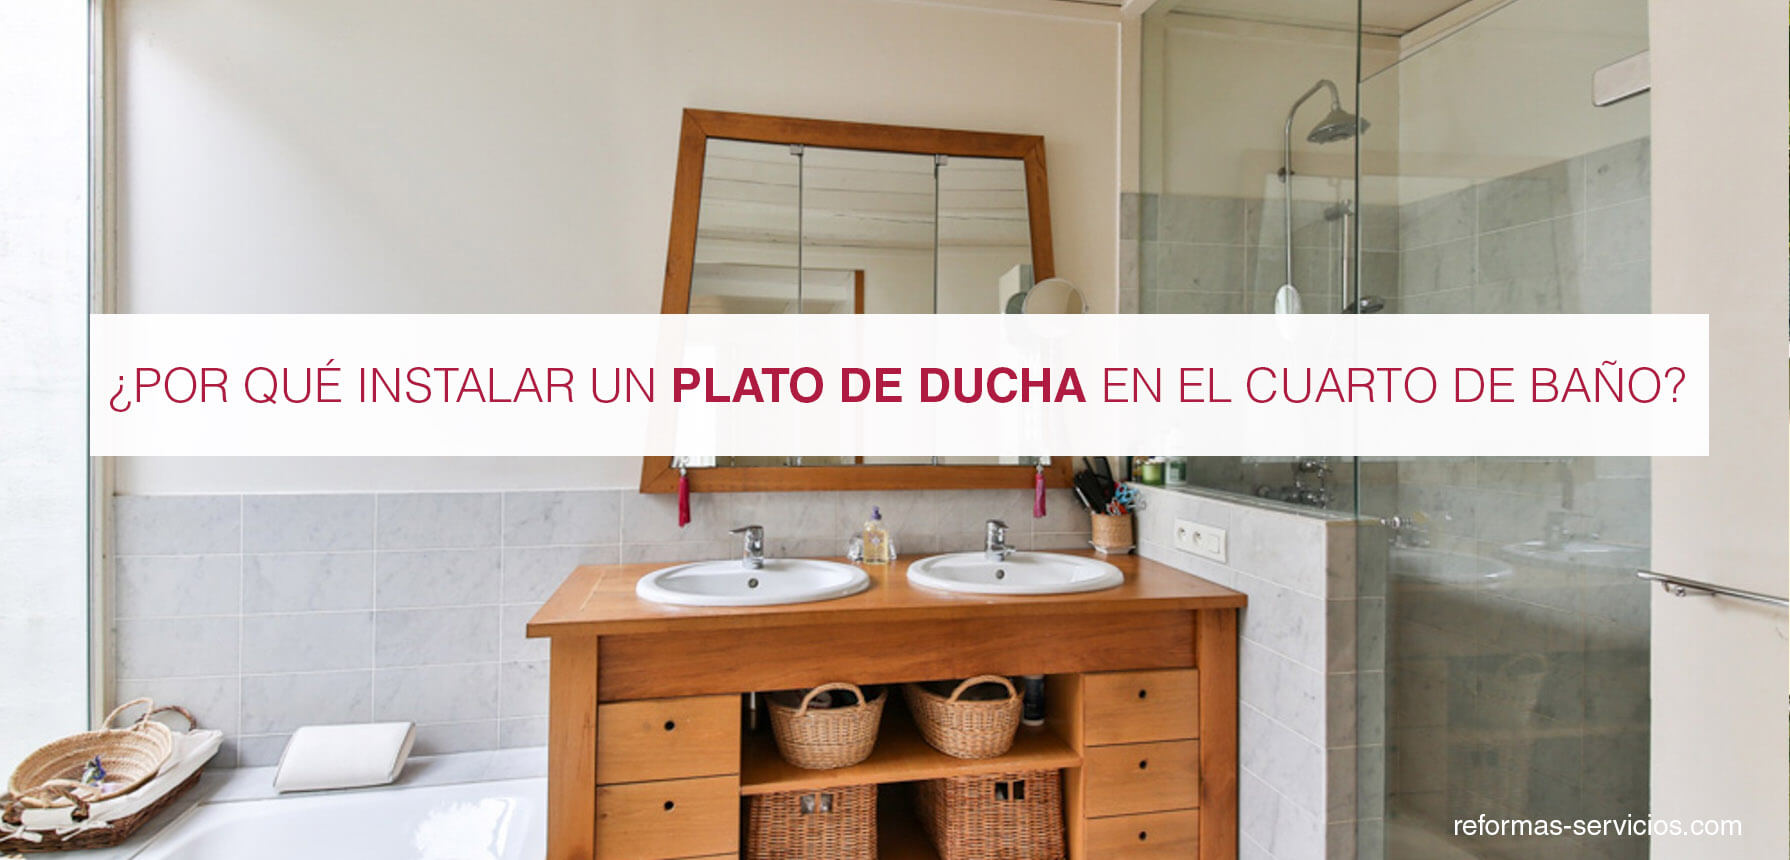 Colocar un plato de ducha instalar plato de ducha resina - Como instalar un plato de ducha ...